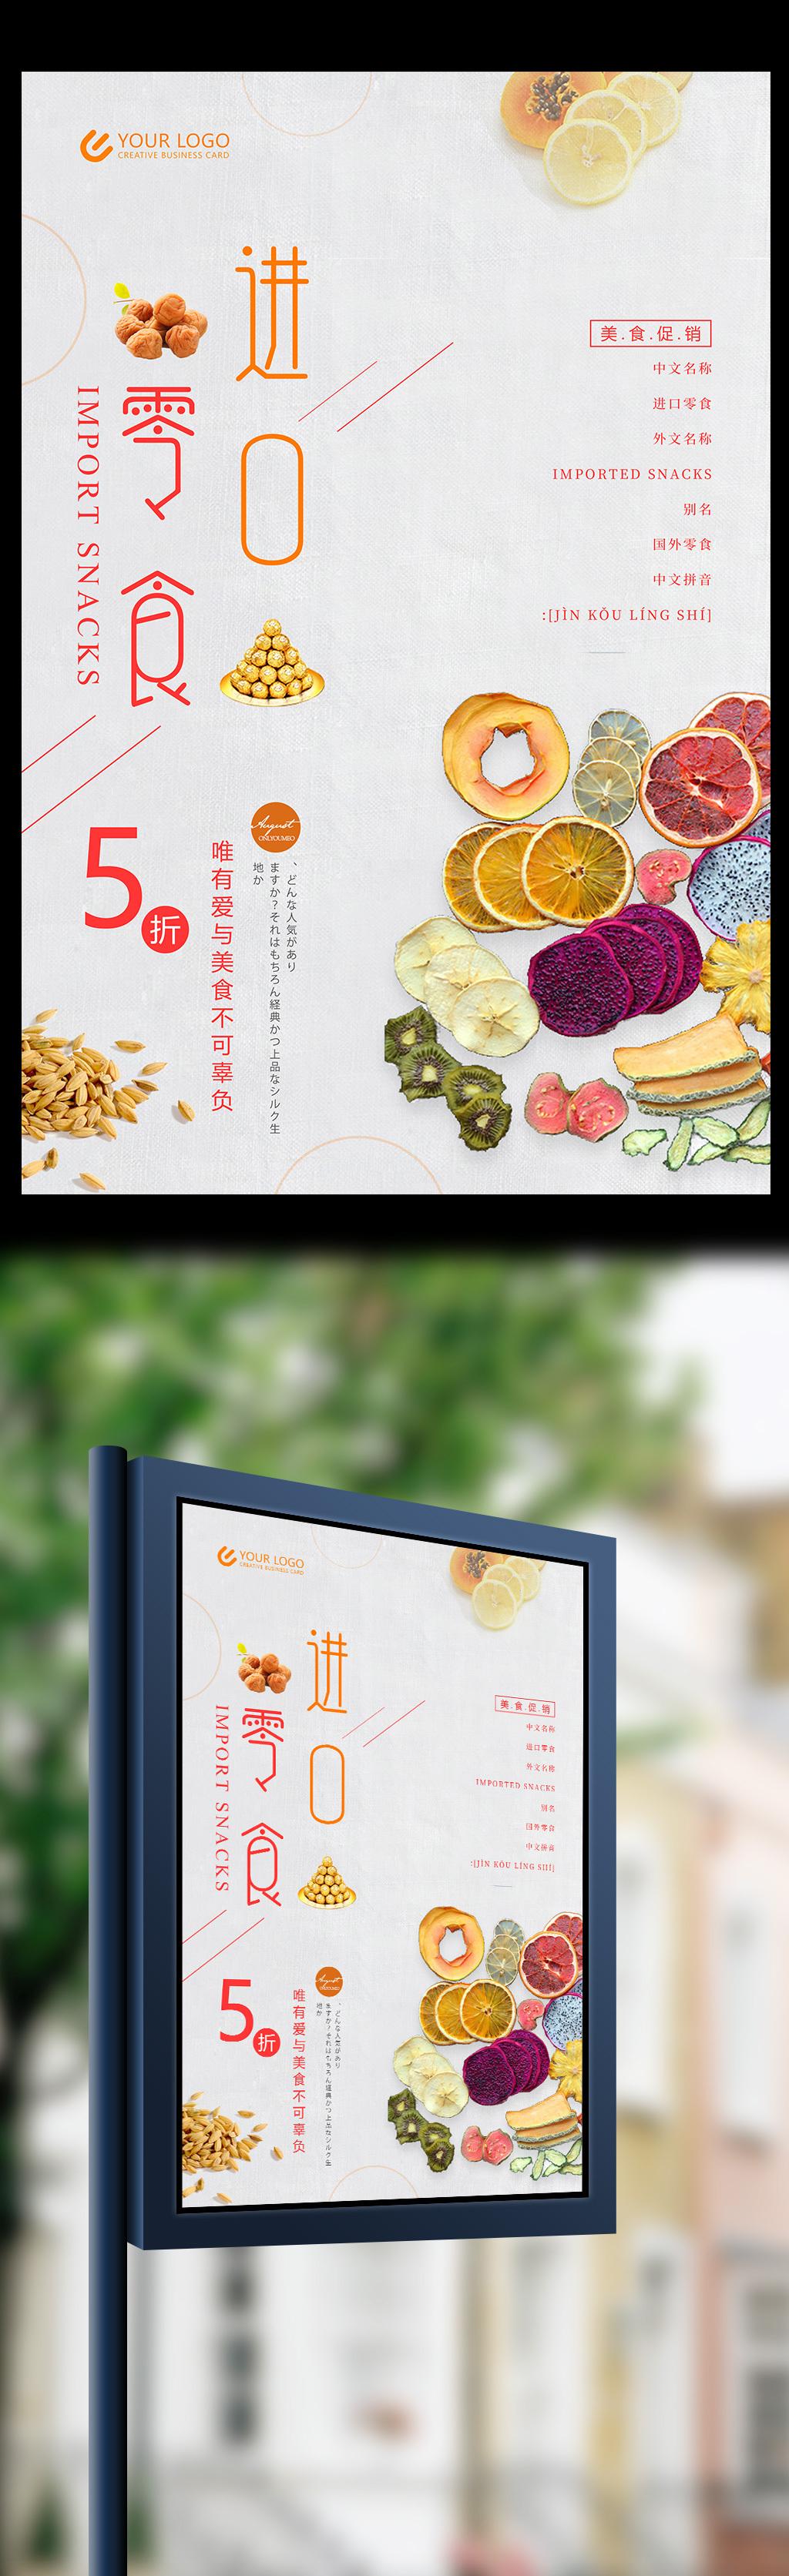 > 进口零食美食促销海报设计   图片编号:27188404 文件格式:psd 颜色